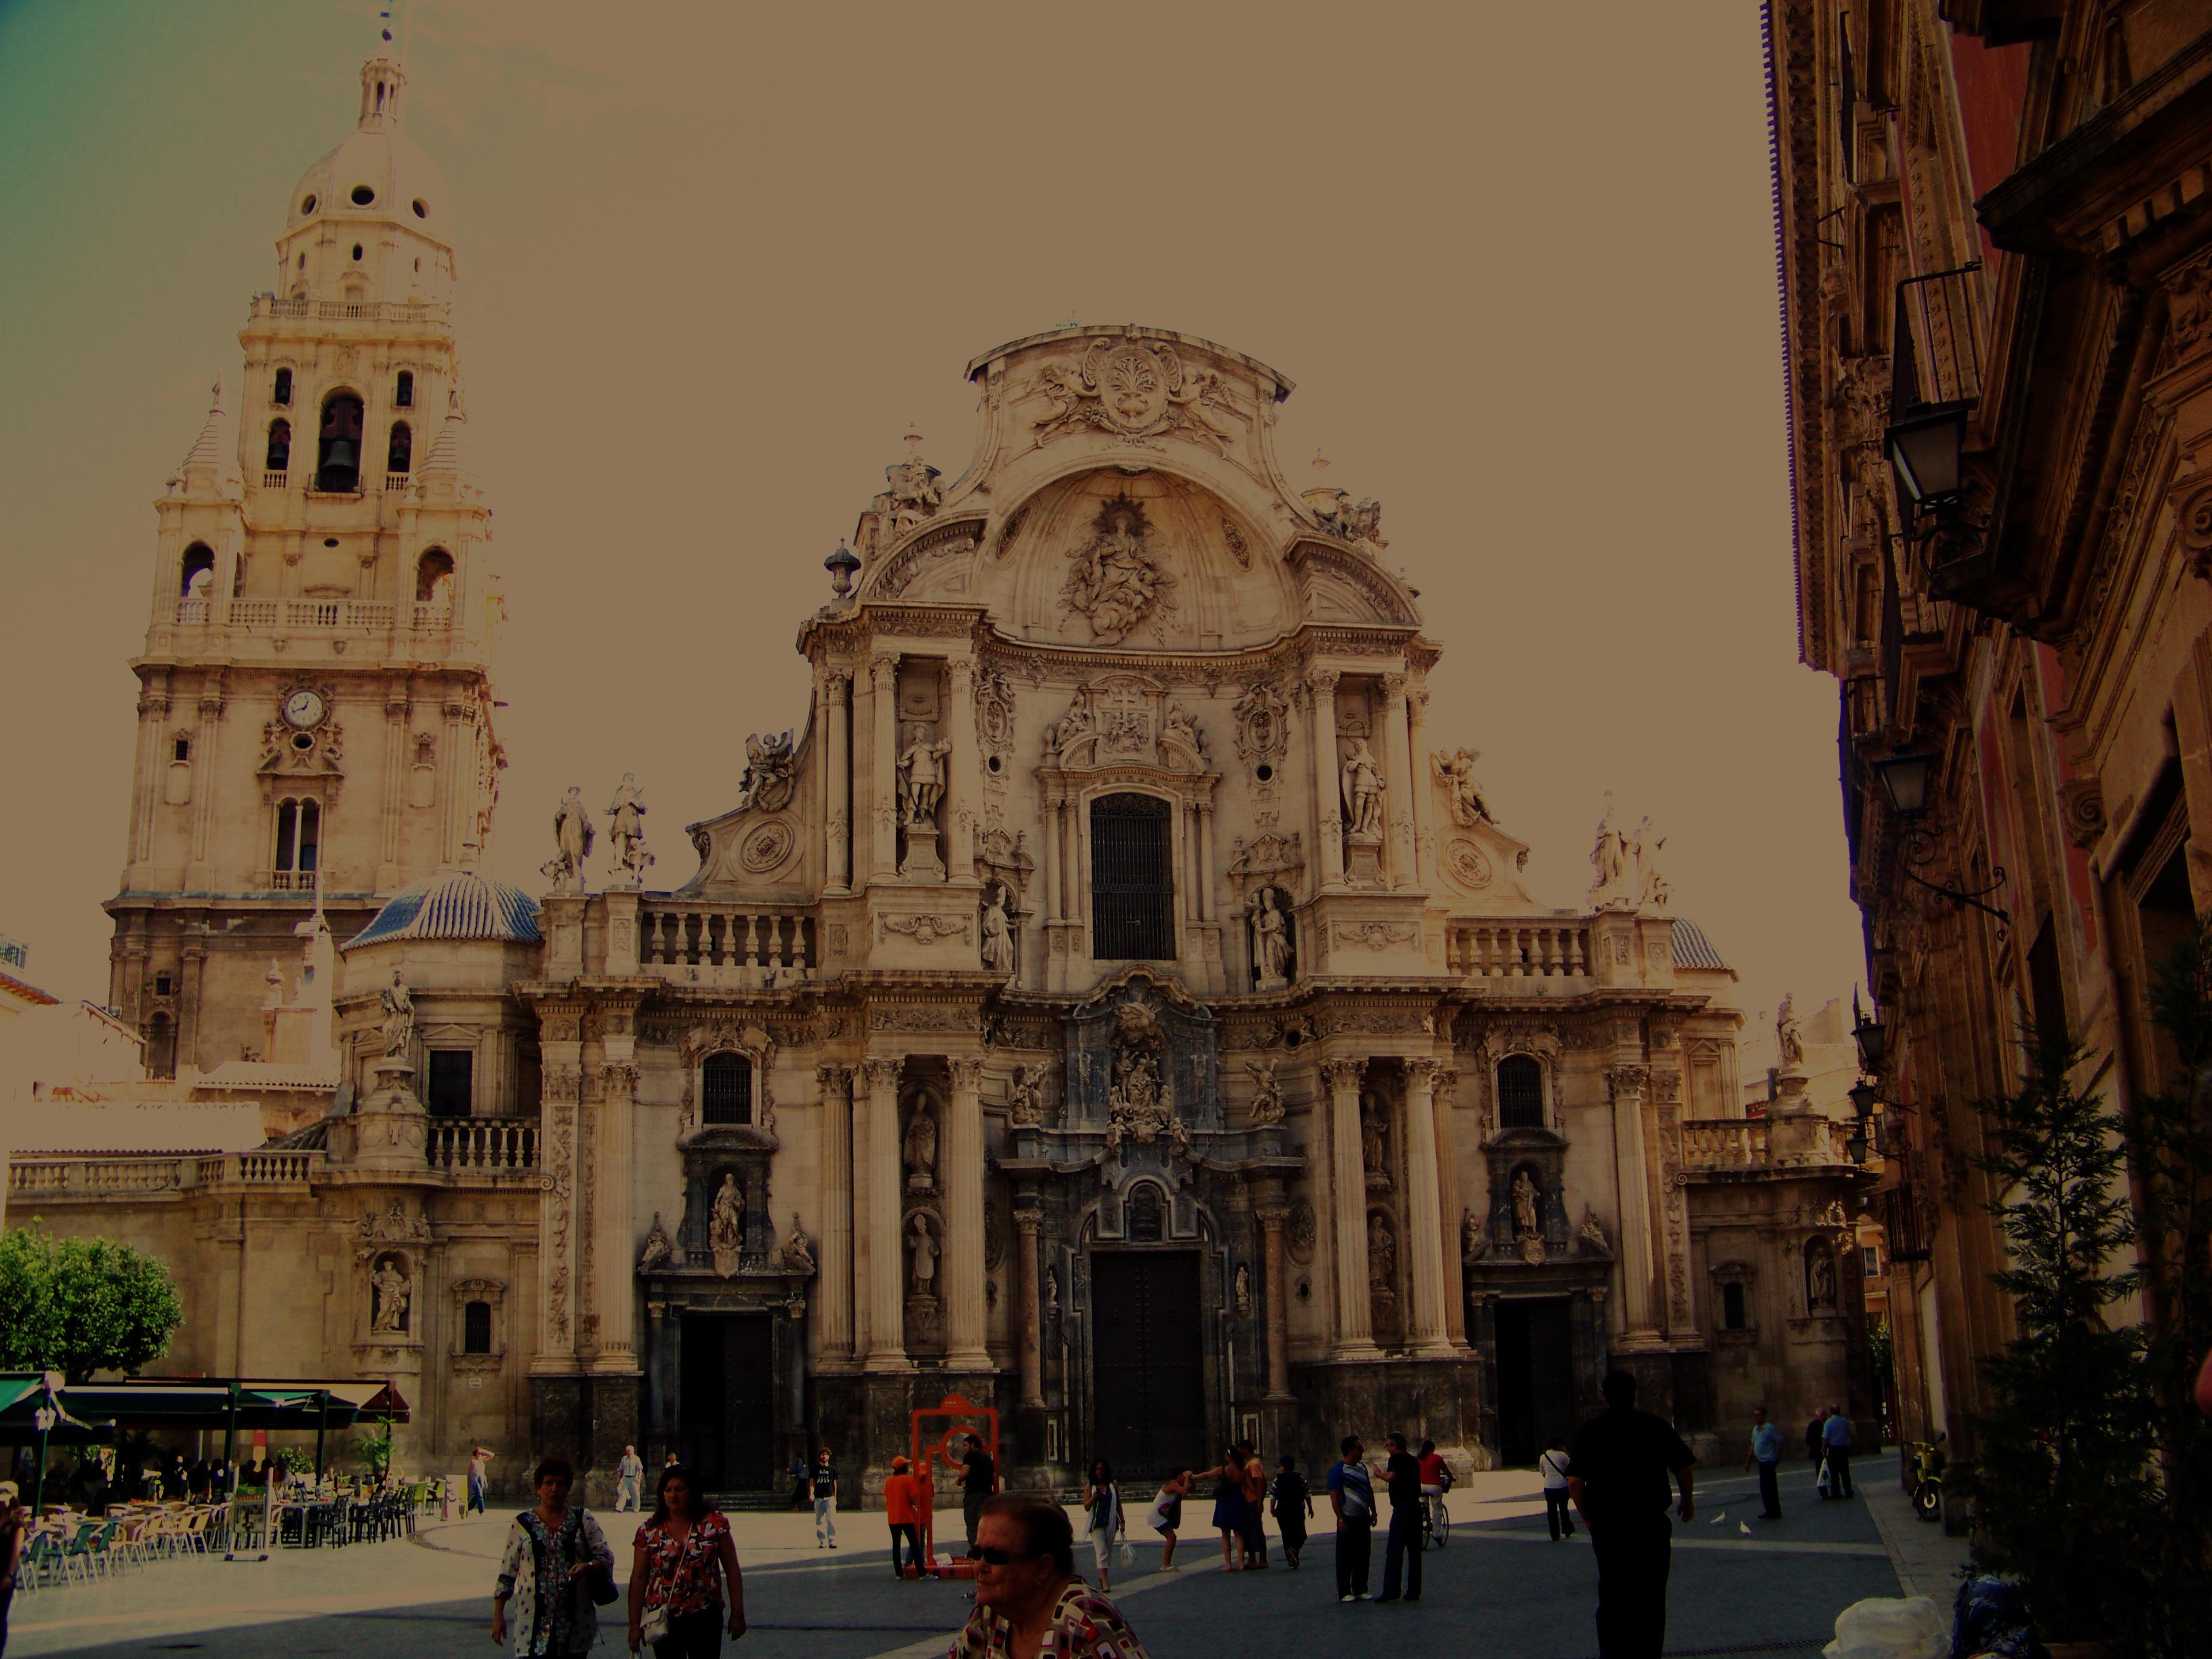 Murcia in Spain